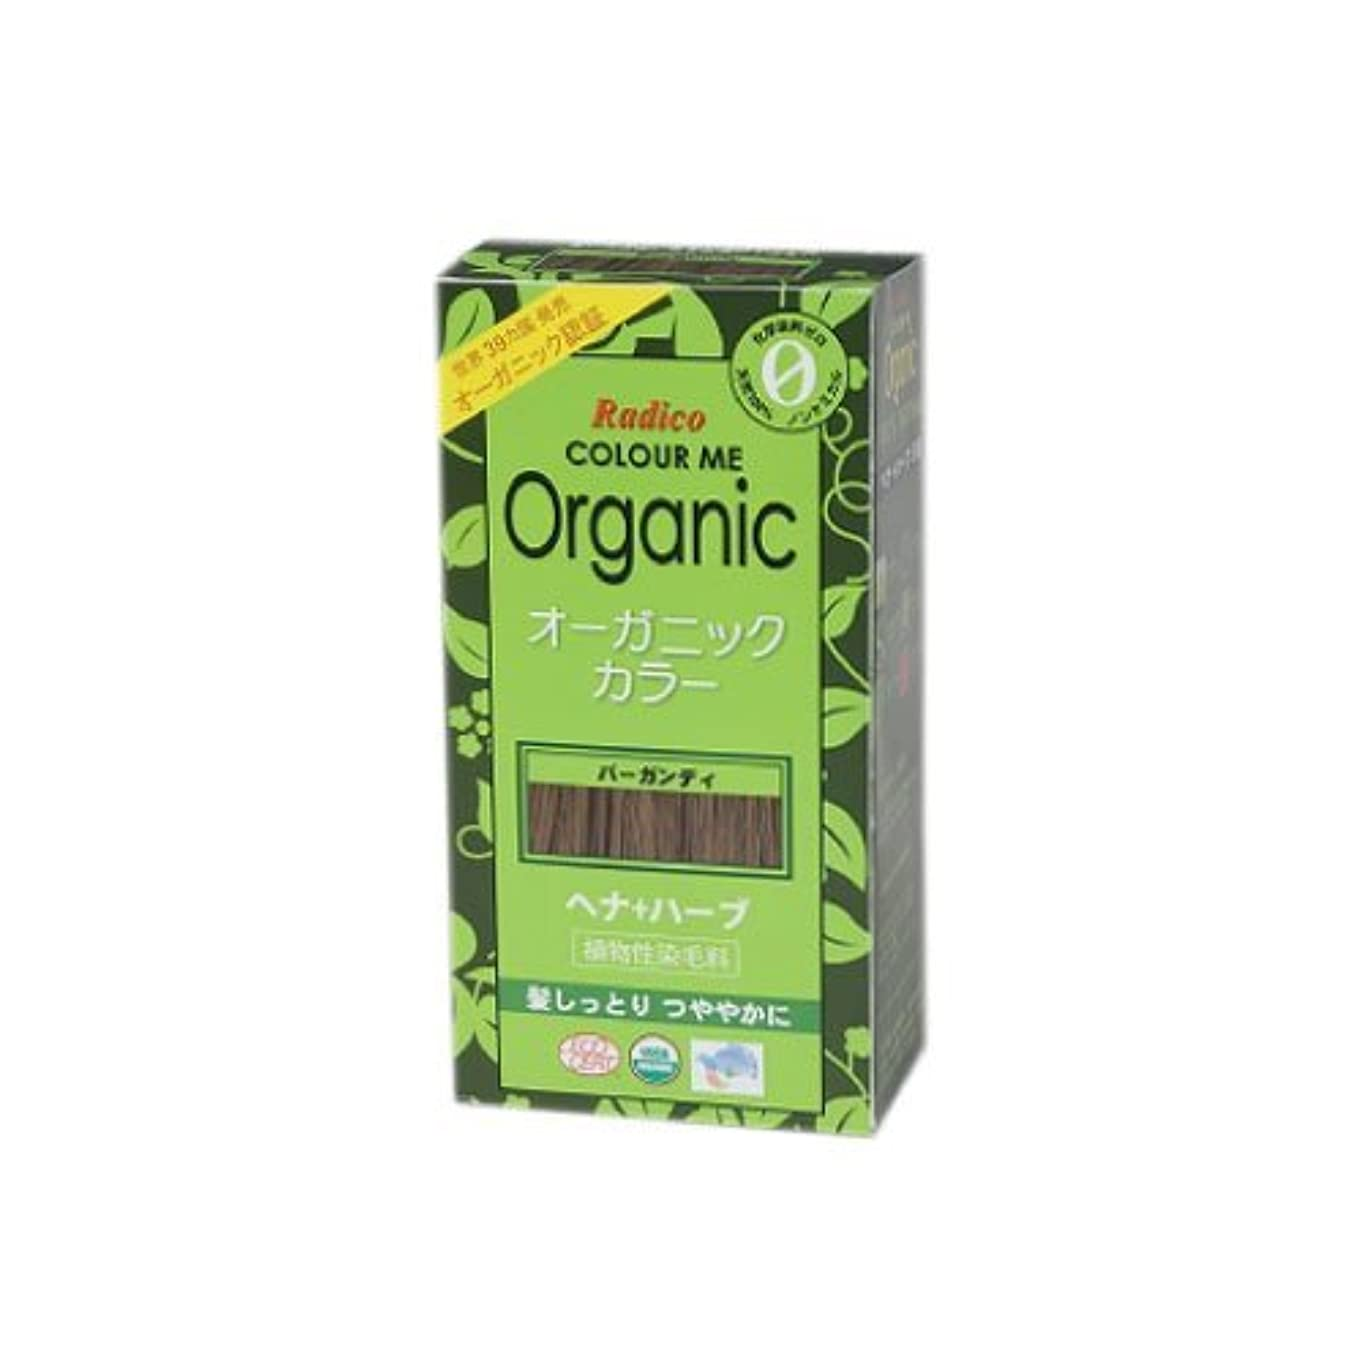 糸群衆工業化するCOLOURME Organic (カラーミーオーガニック ヘナ 白髪用) バーガンディ 100g